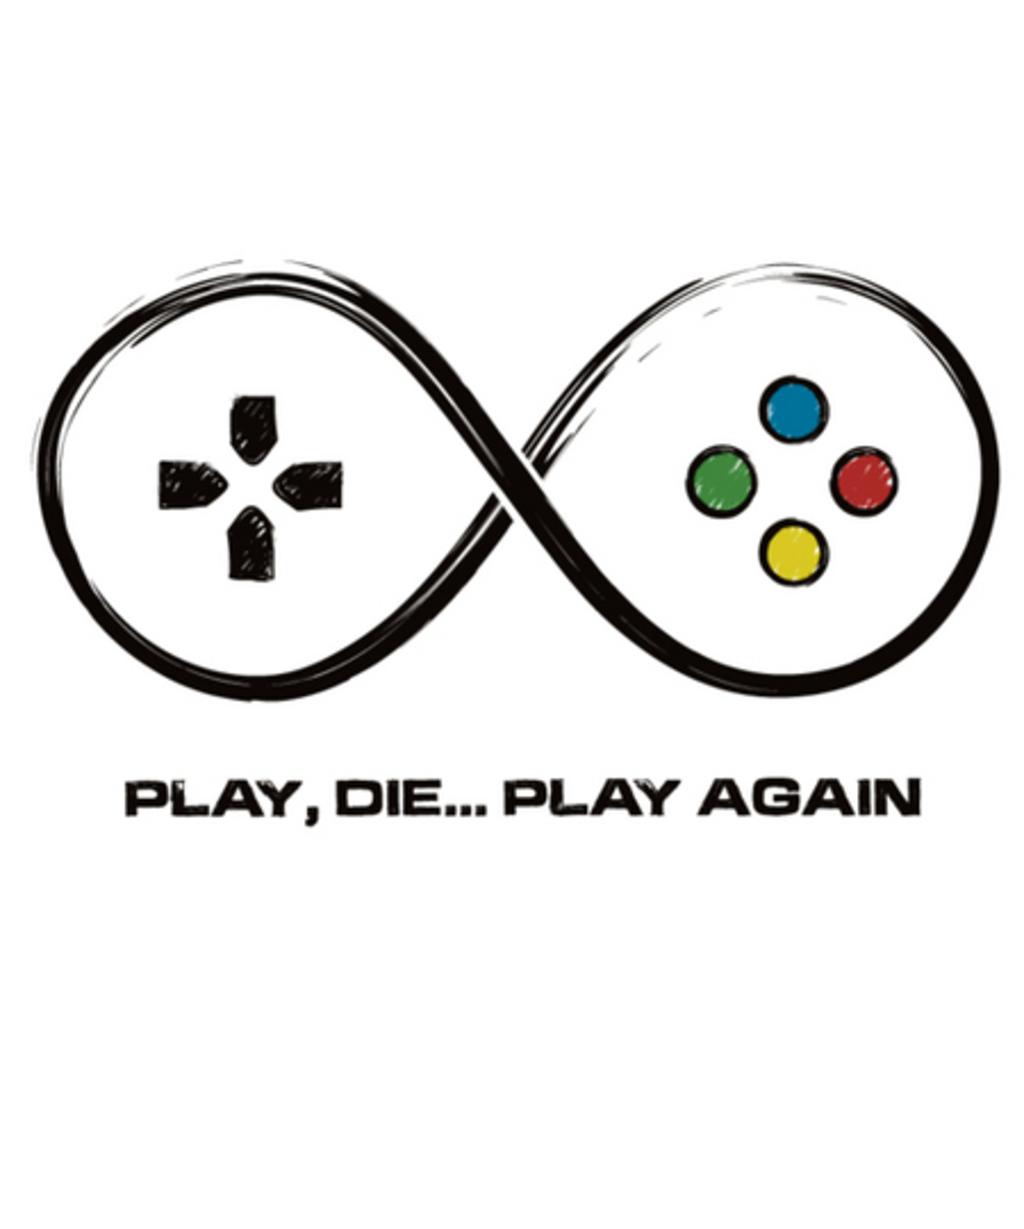 Qwertee: I play, I die....